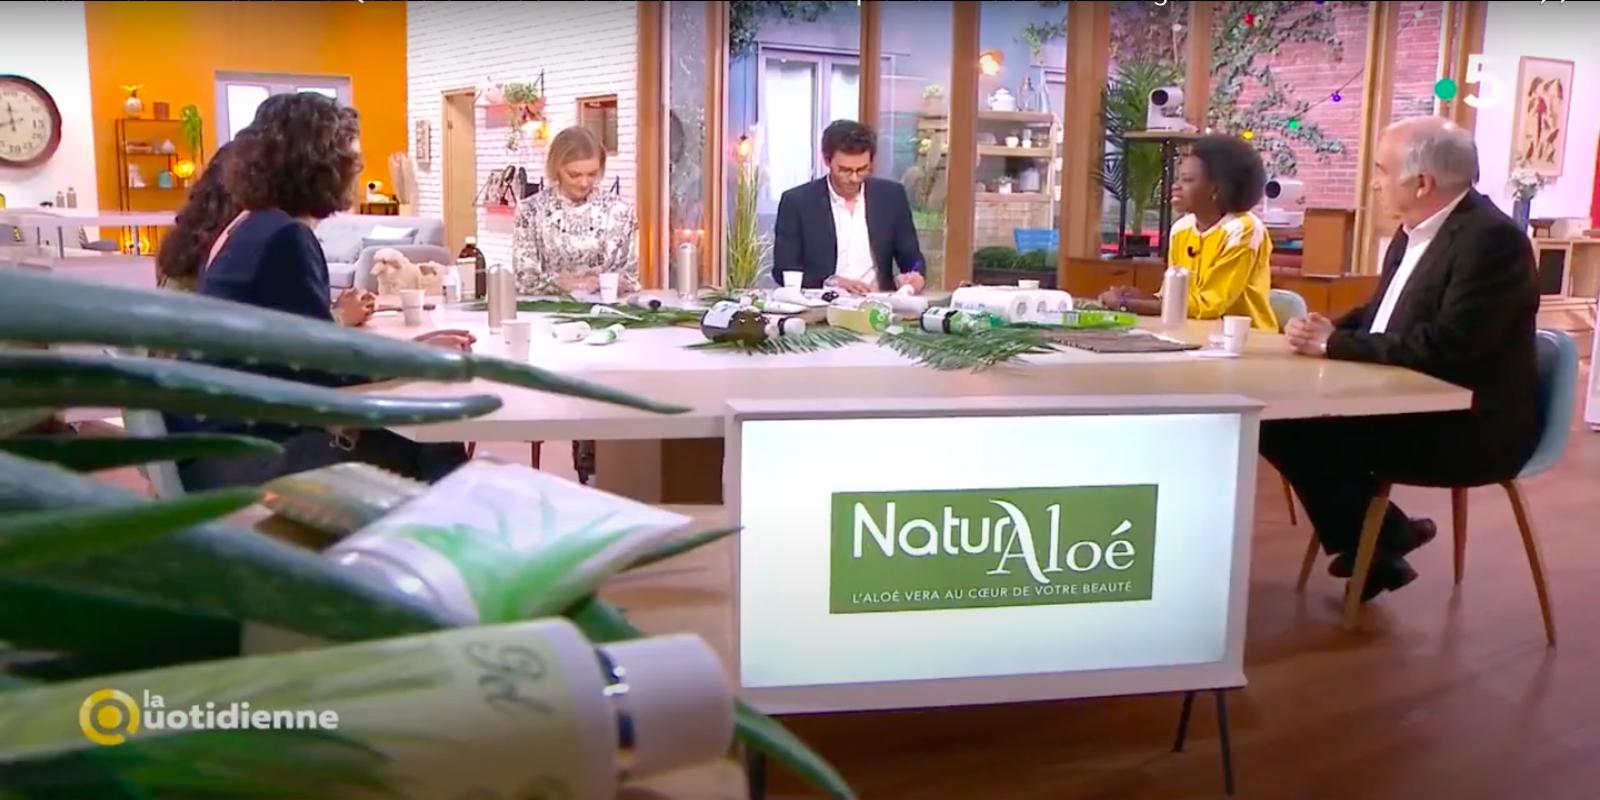 NaturAloé à l'honneur dans l'émission